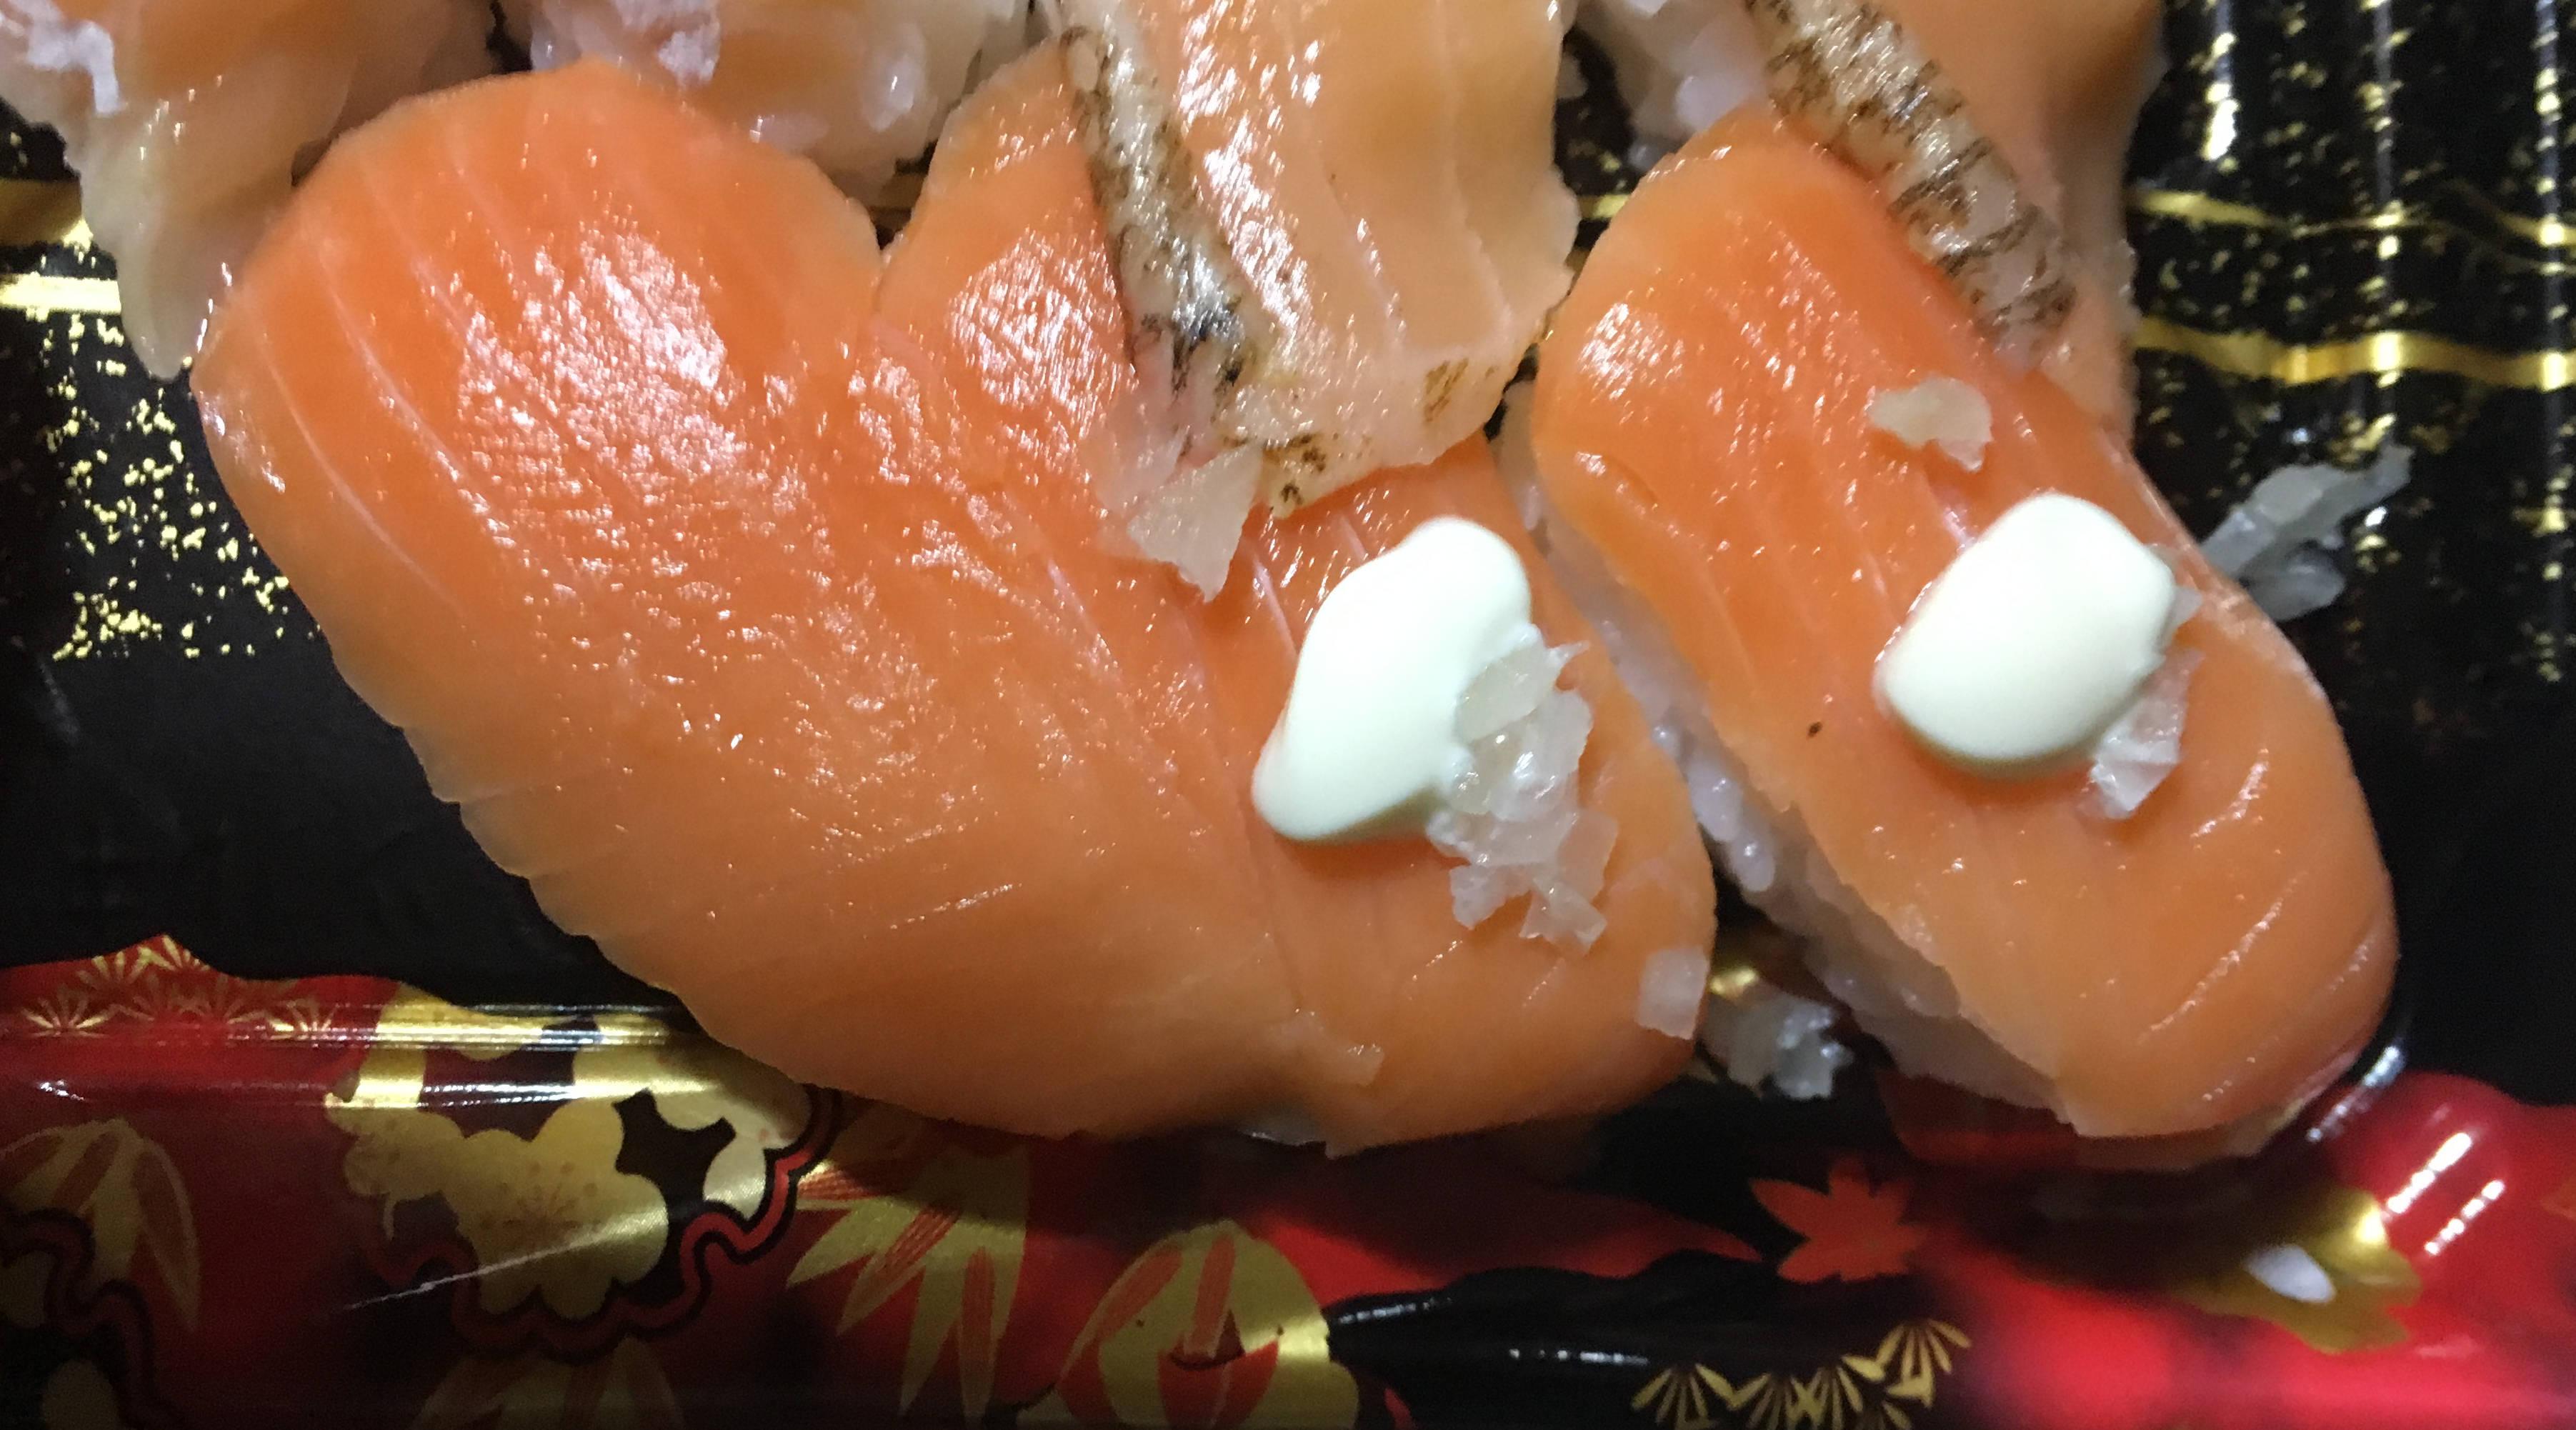 鮭の握りマヨネーズが乗っかったもの